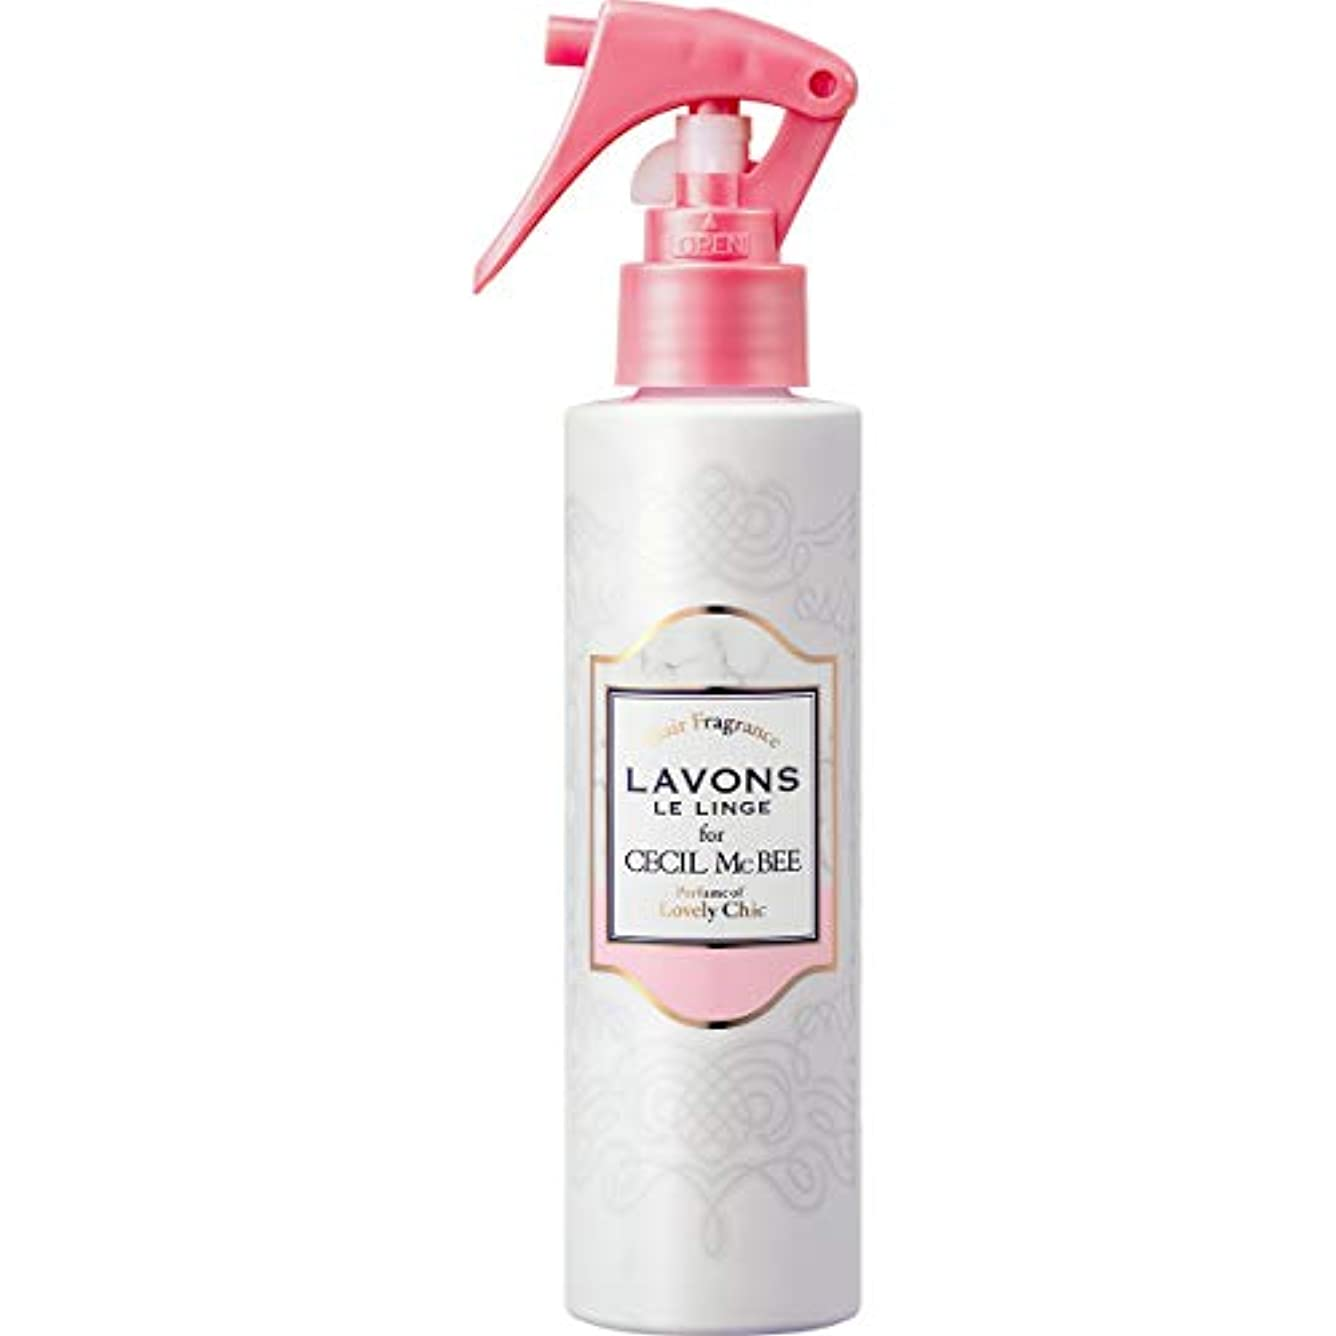 不利悪意のある影響を受けやすいですラボン for CECIL McBEE ヘアフレグランスミスト ラブリーシックの香り 150ml